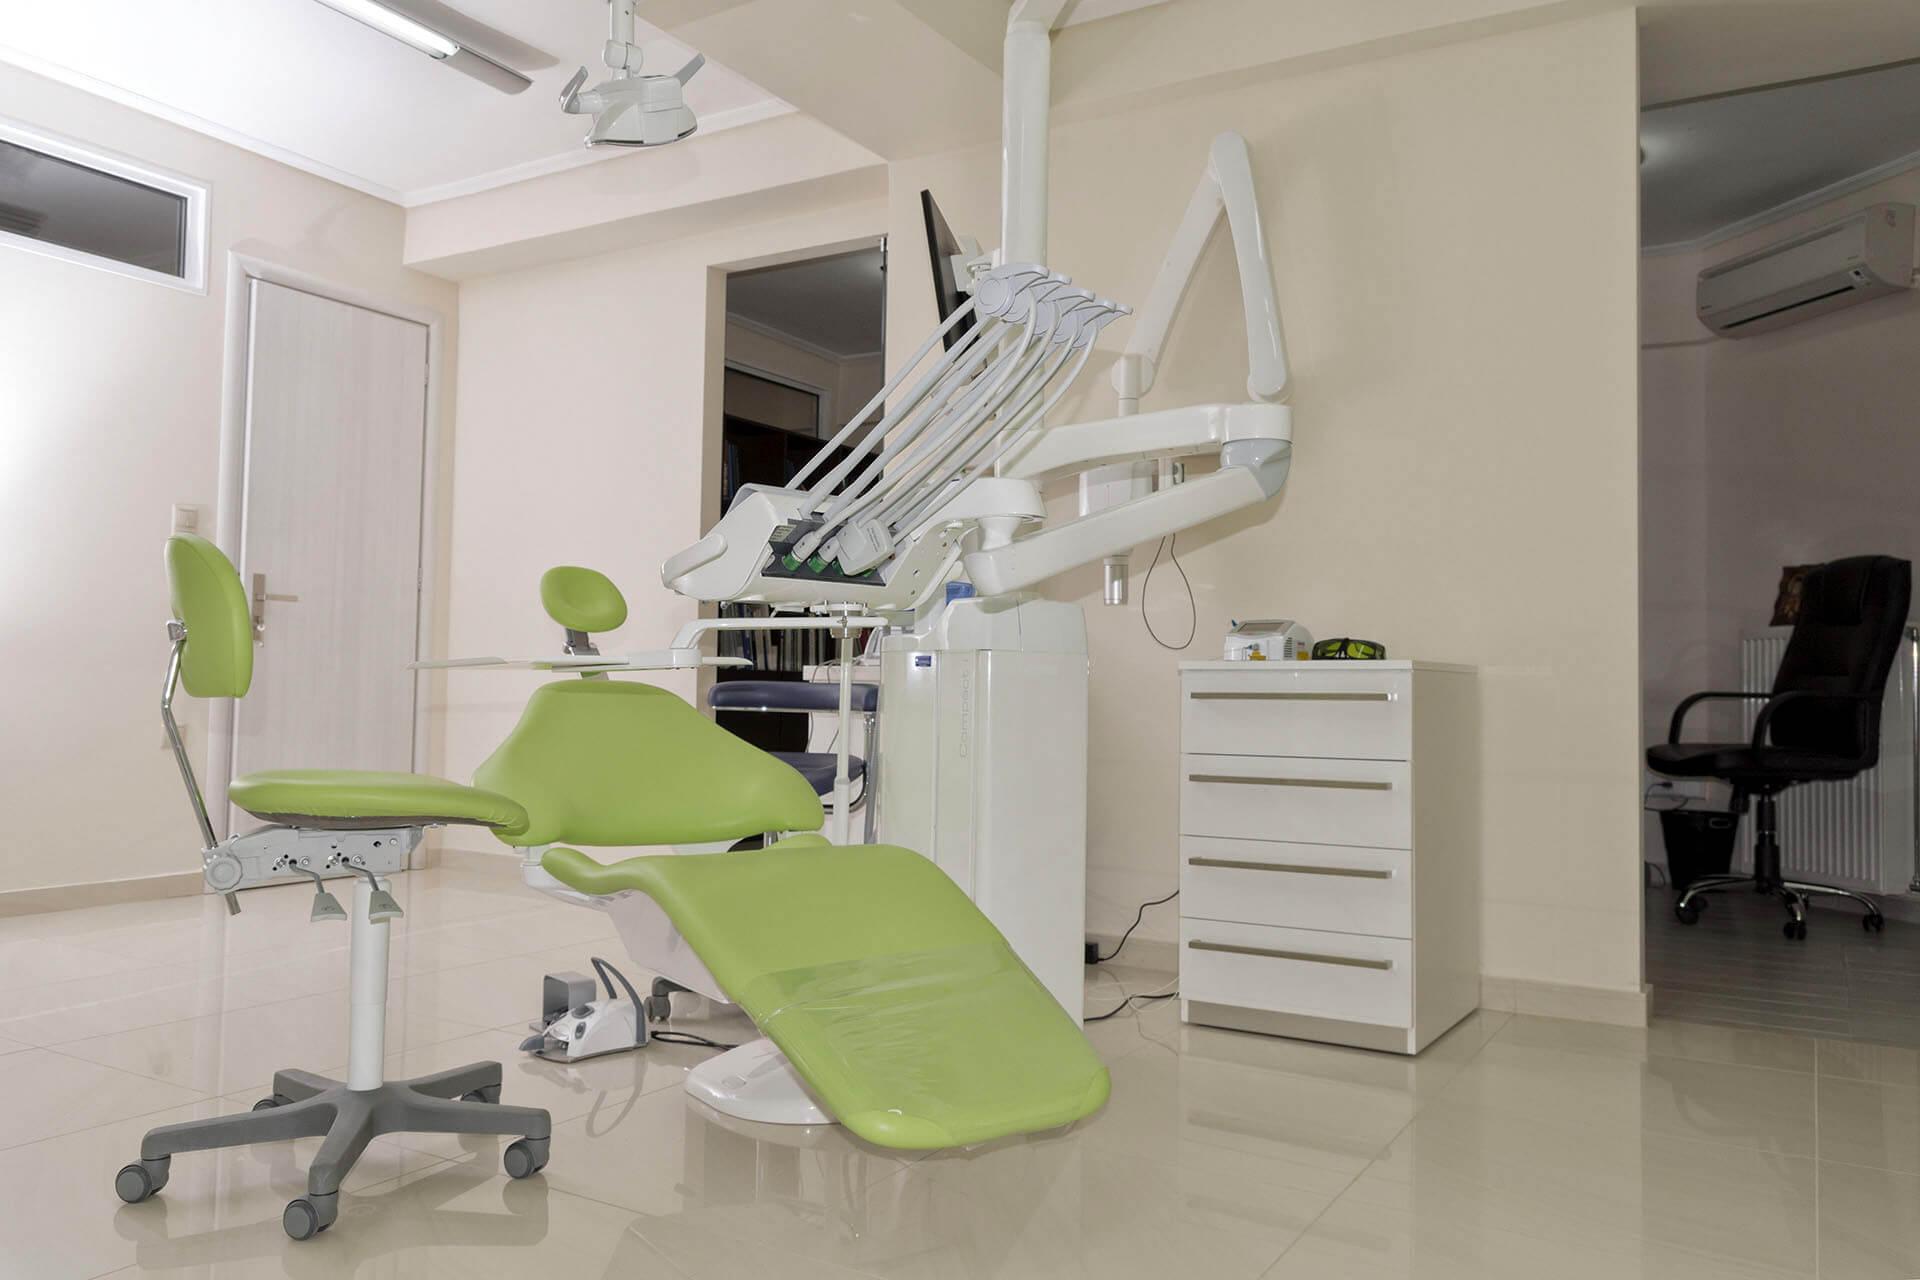 Ιατρείο με καρέκλα